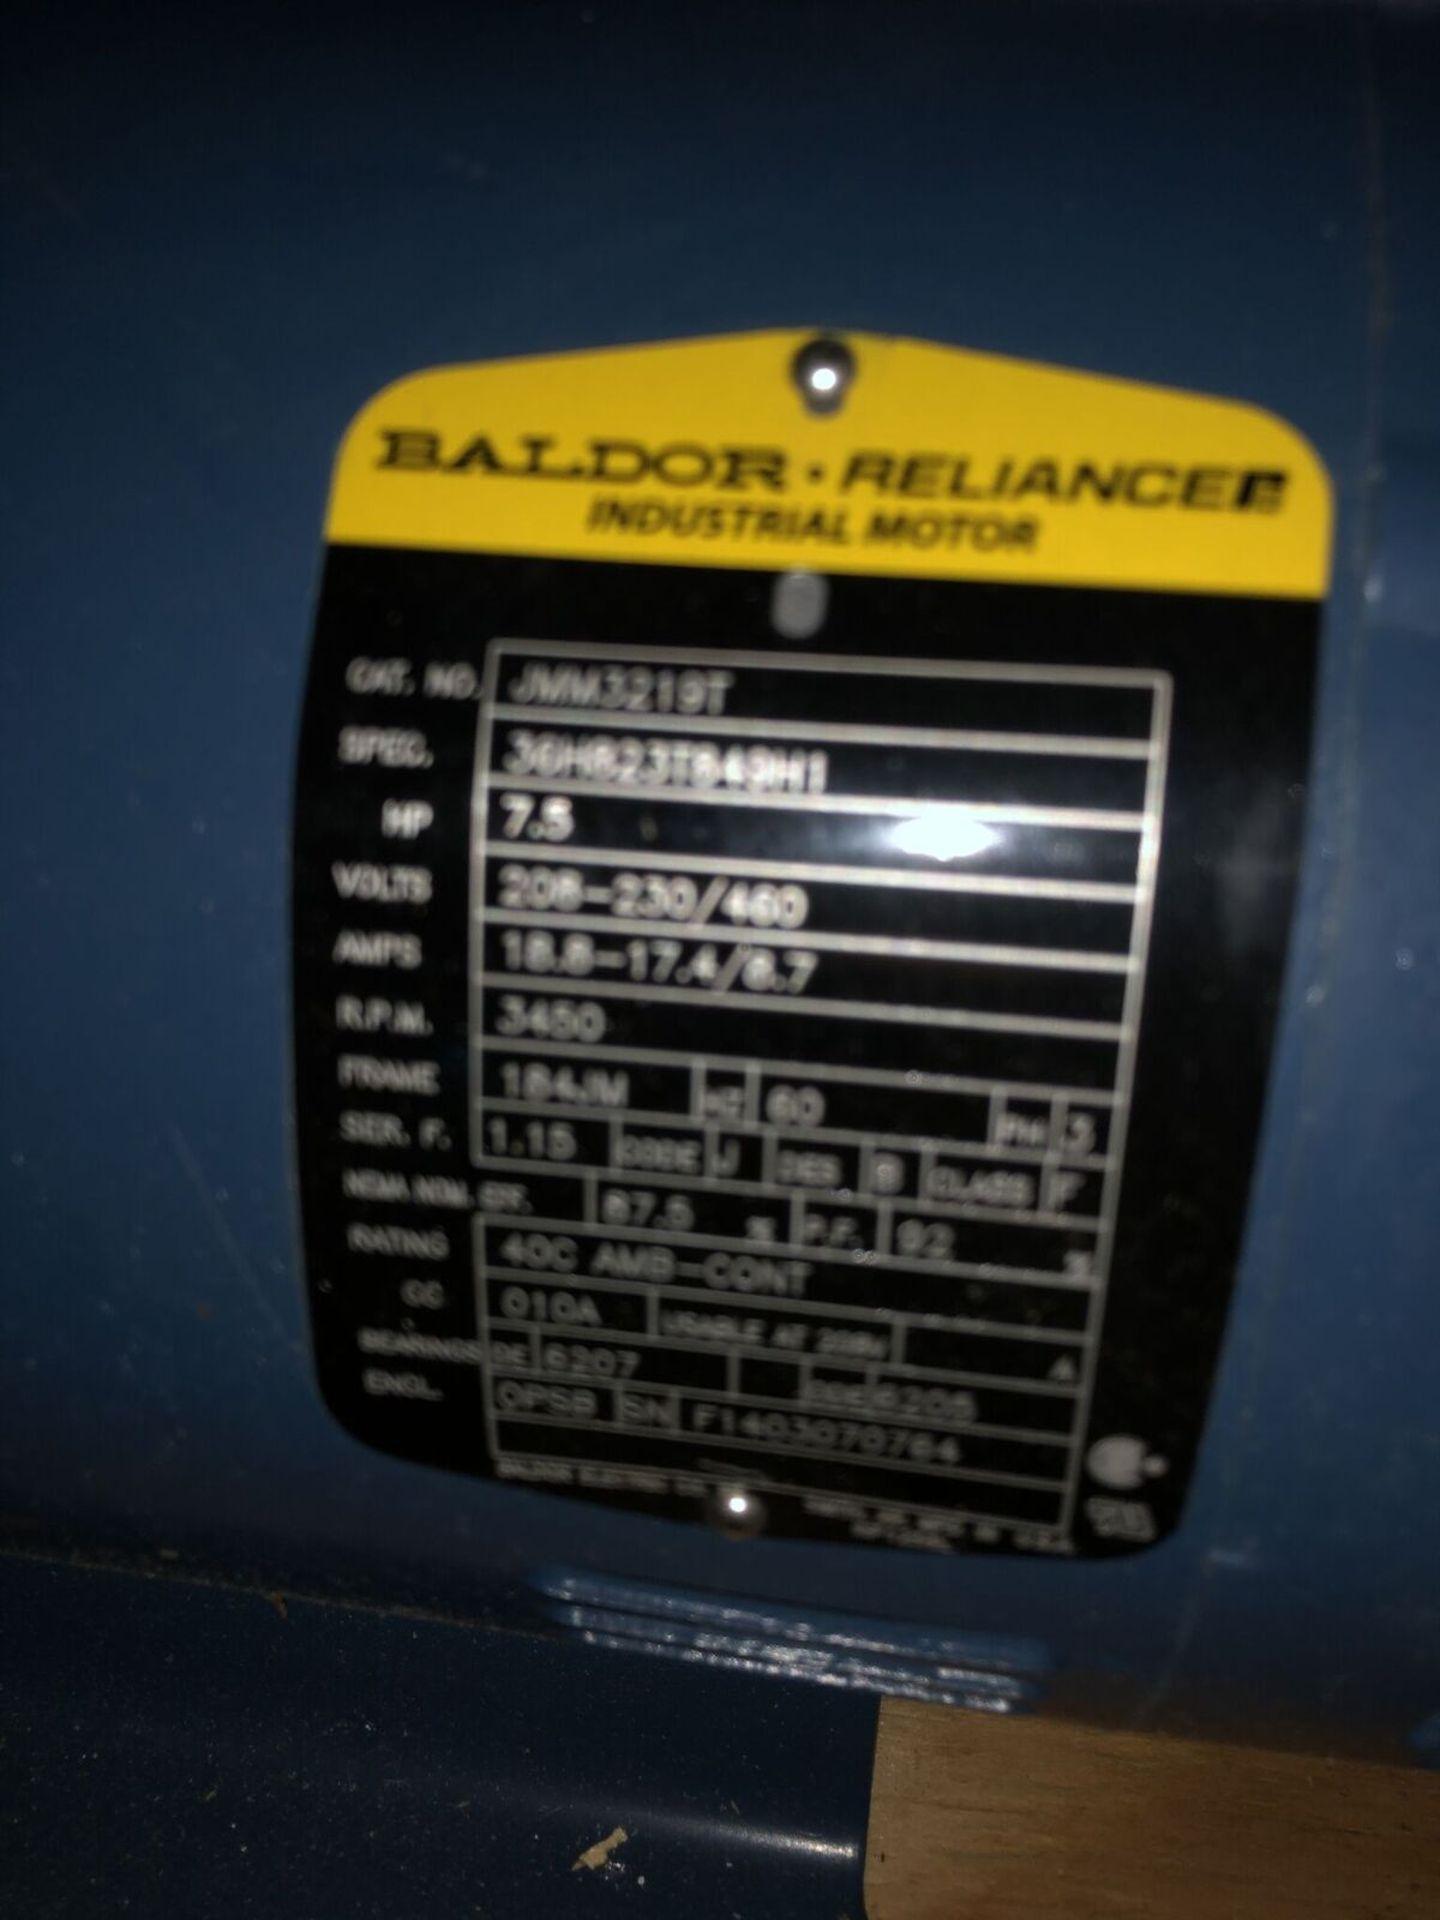 Lot 12 - Baldor 7.5 HP Motor & Pump